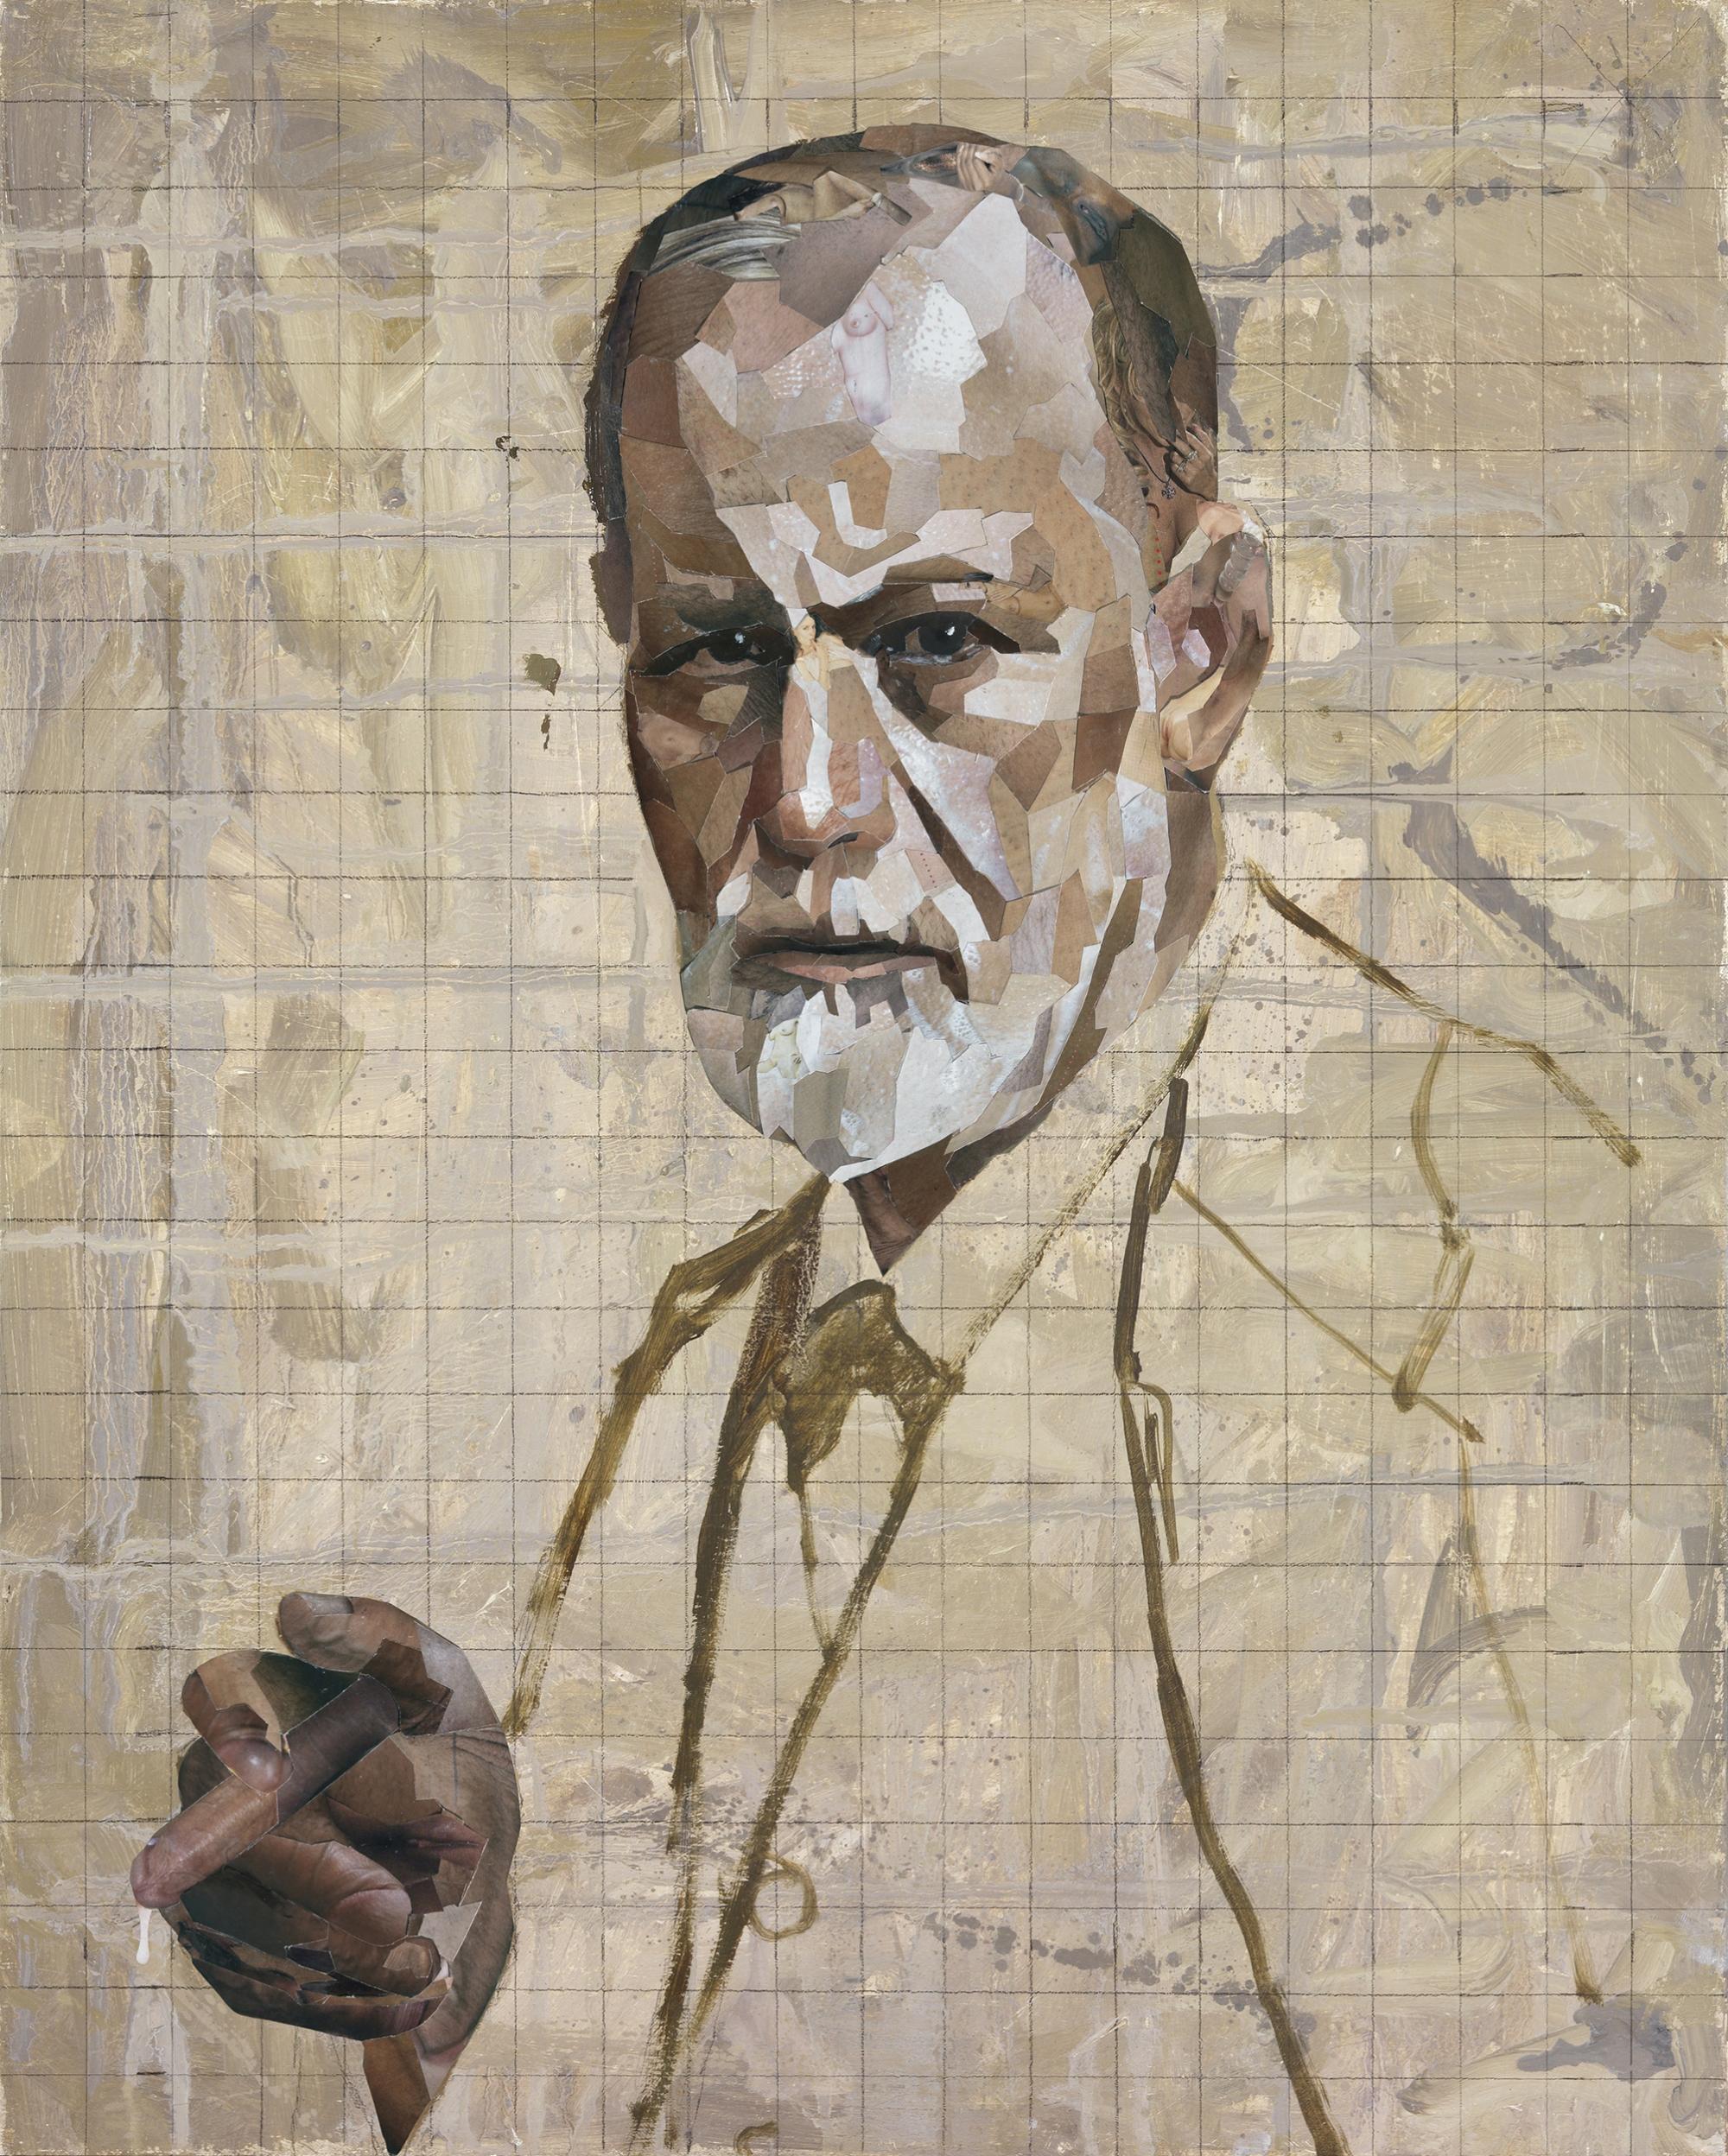 Sigmund_Freud_Collage_2000_2496_s.jpg